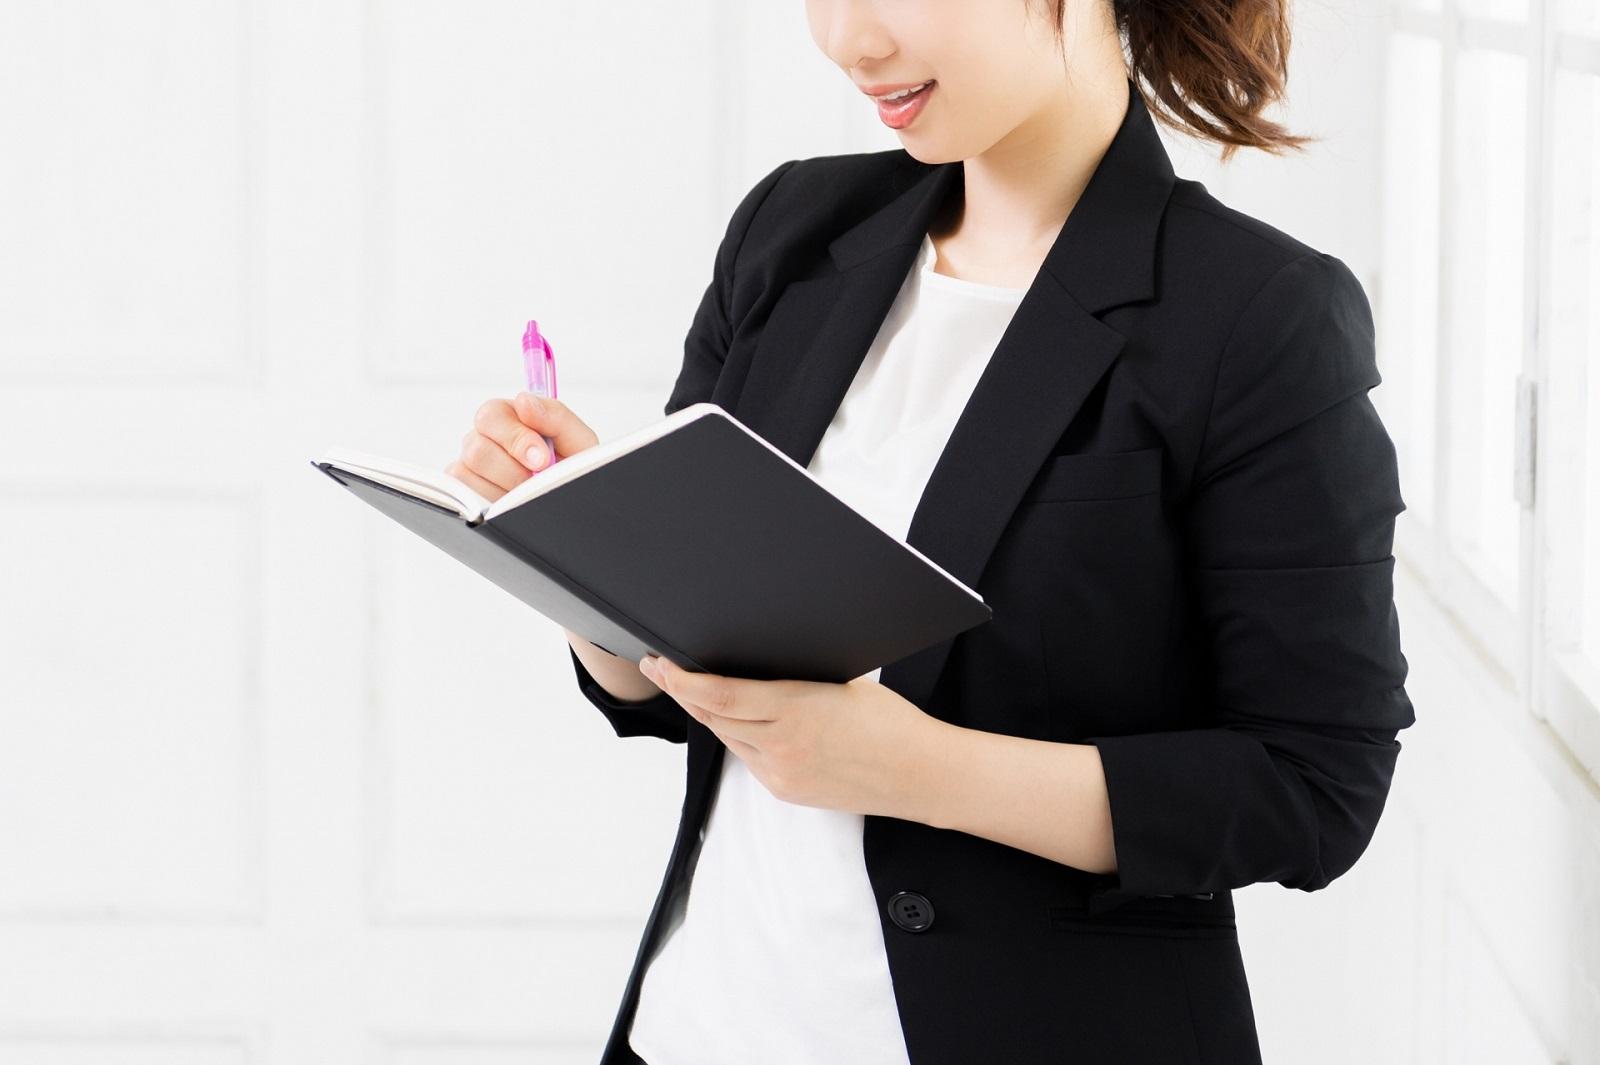 女性の出張に必要な持ち物リスト。スーツを着た女性が手帳に書き込んでいる描写。